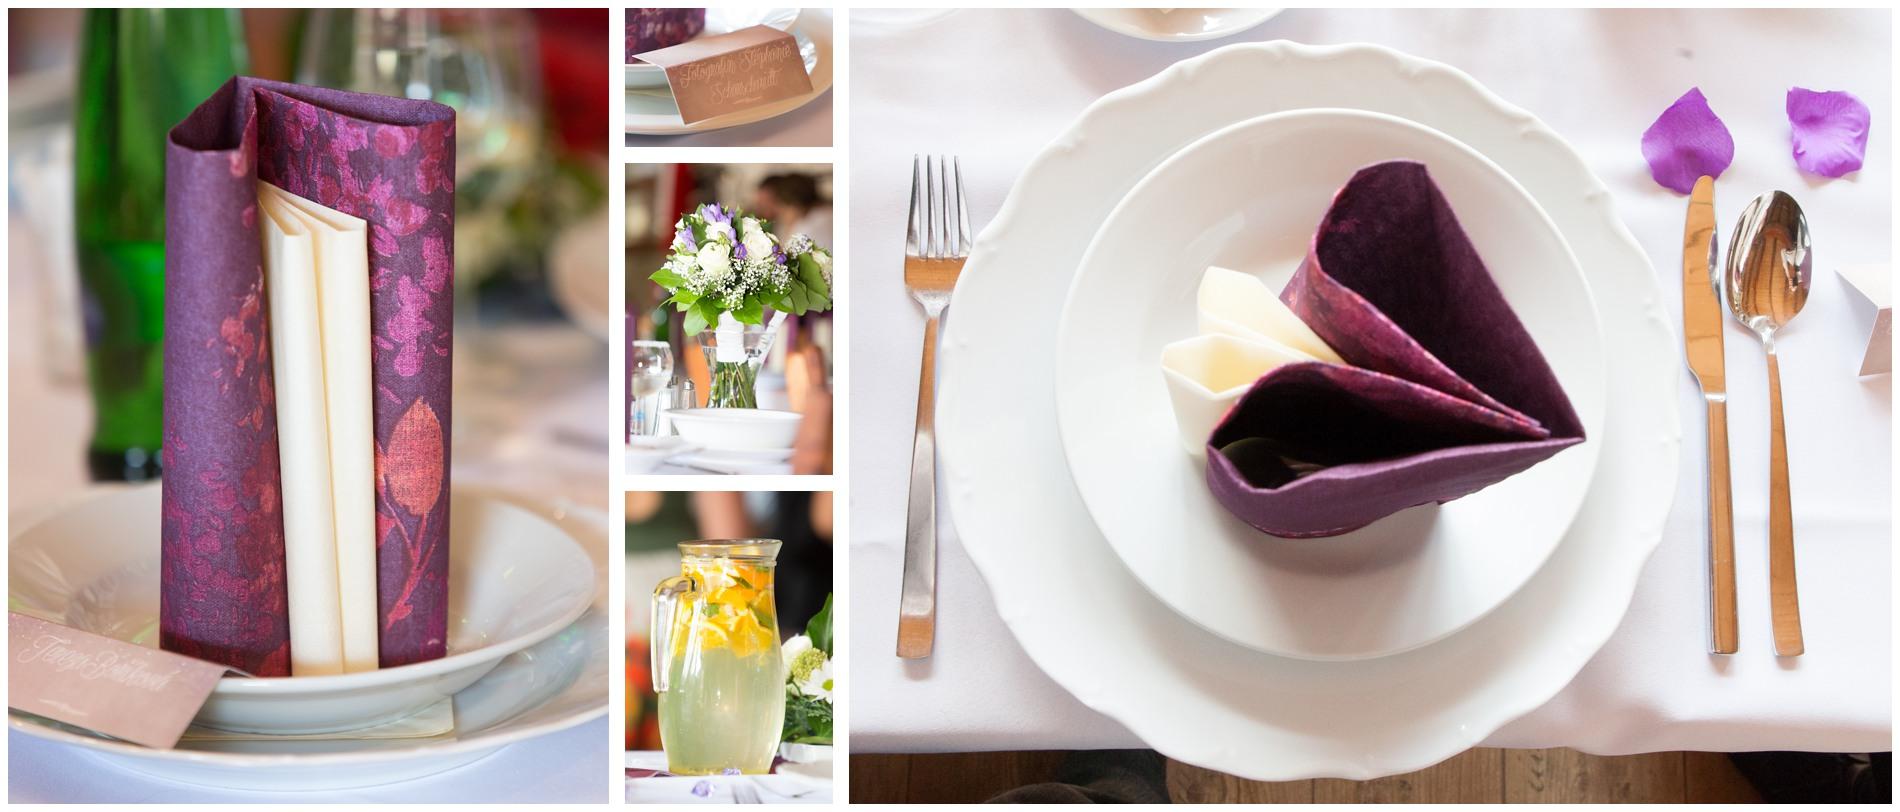 Tischdeko auf internationaler Hochzeit in Tschechien